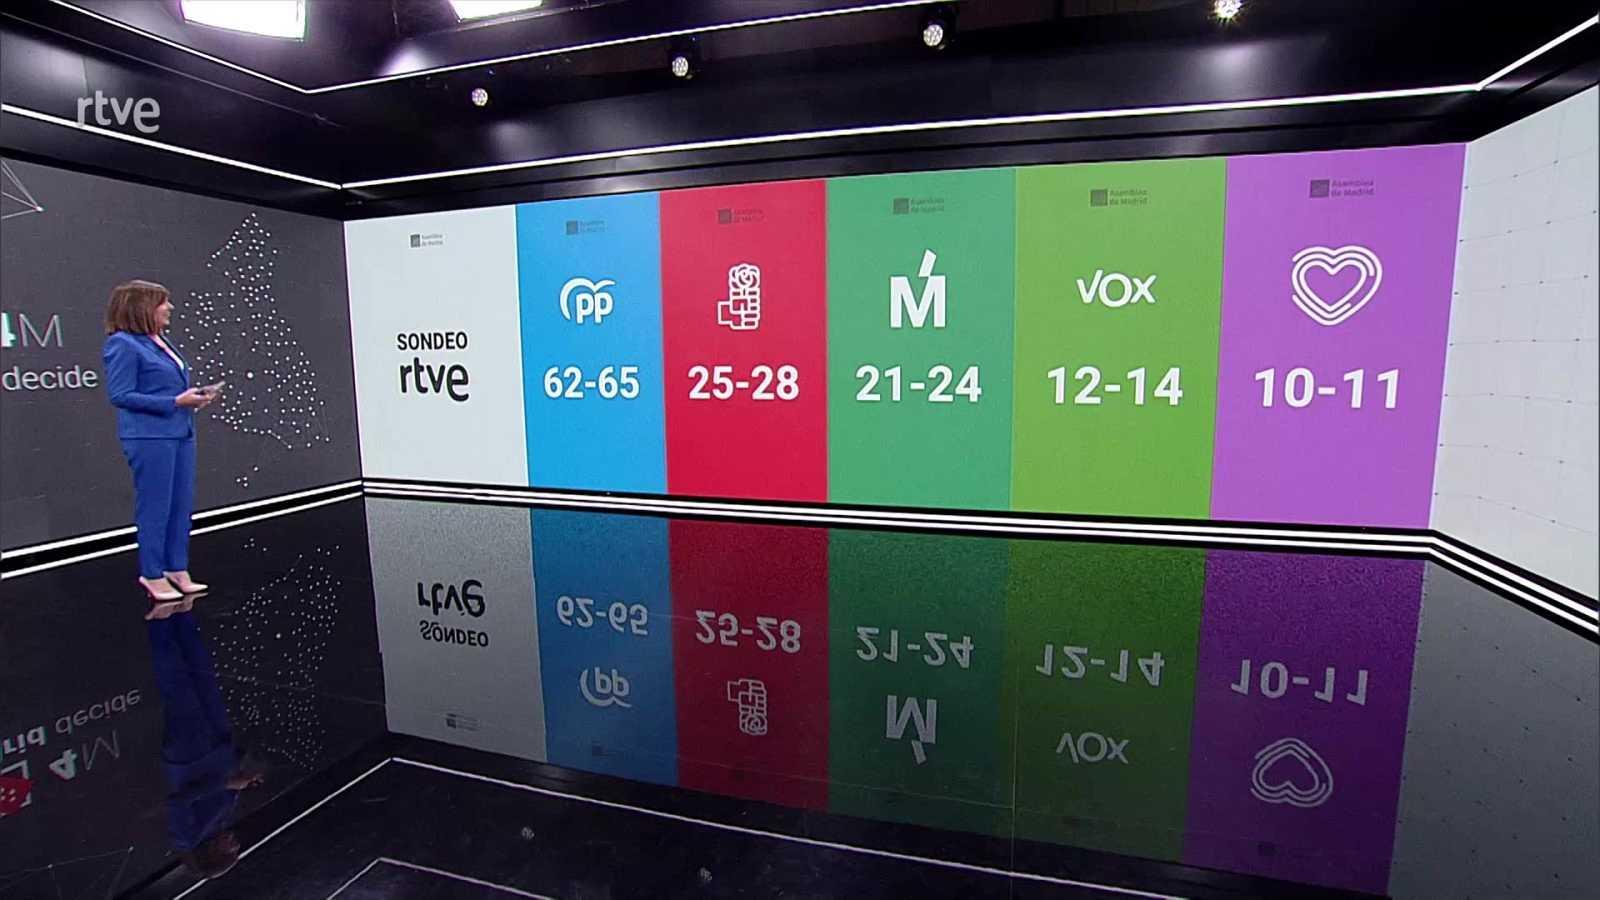 Especial informativo - 4M Madrid decide (Sondeo) - ver ahora